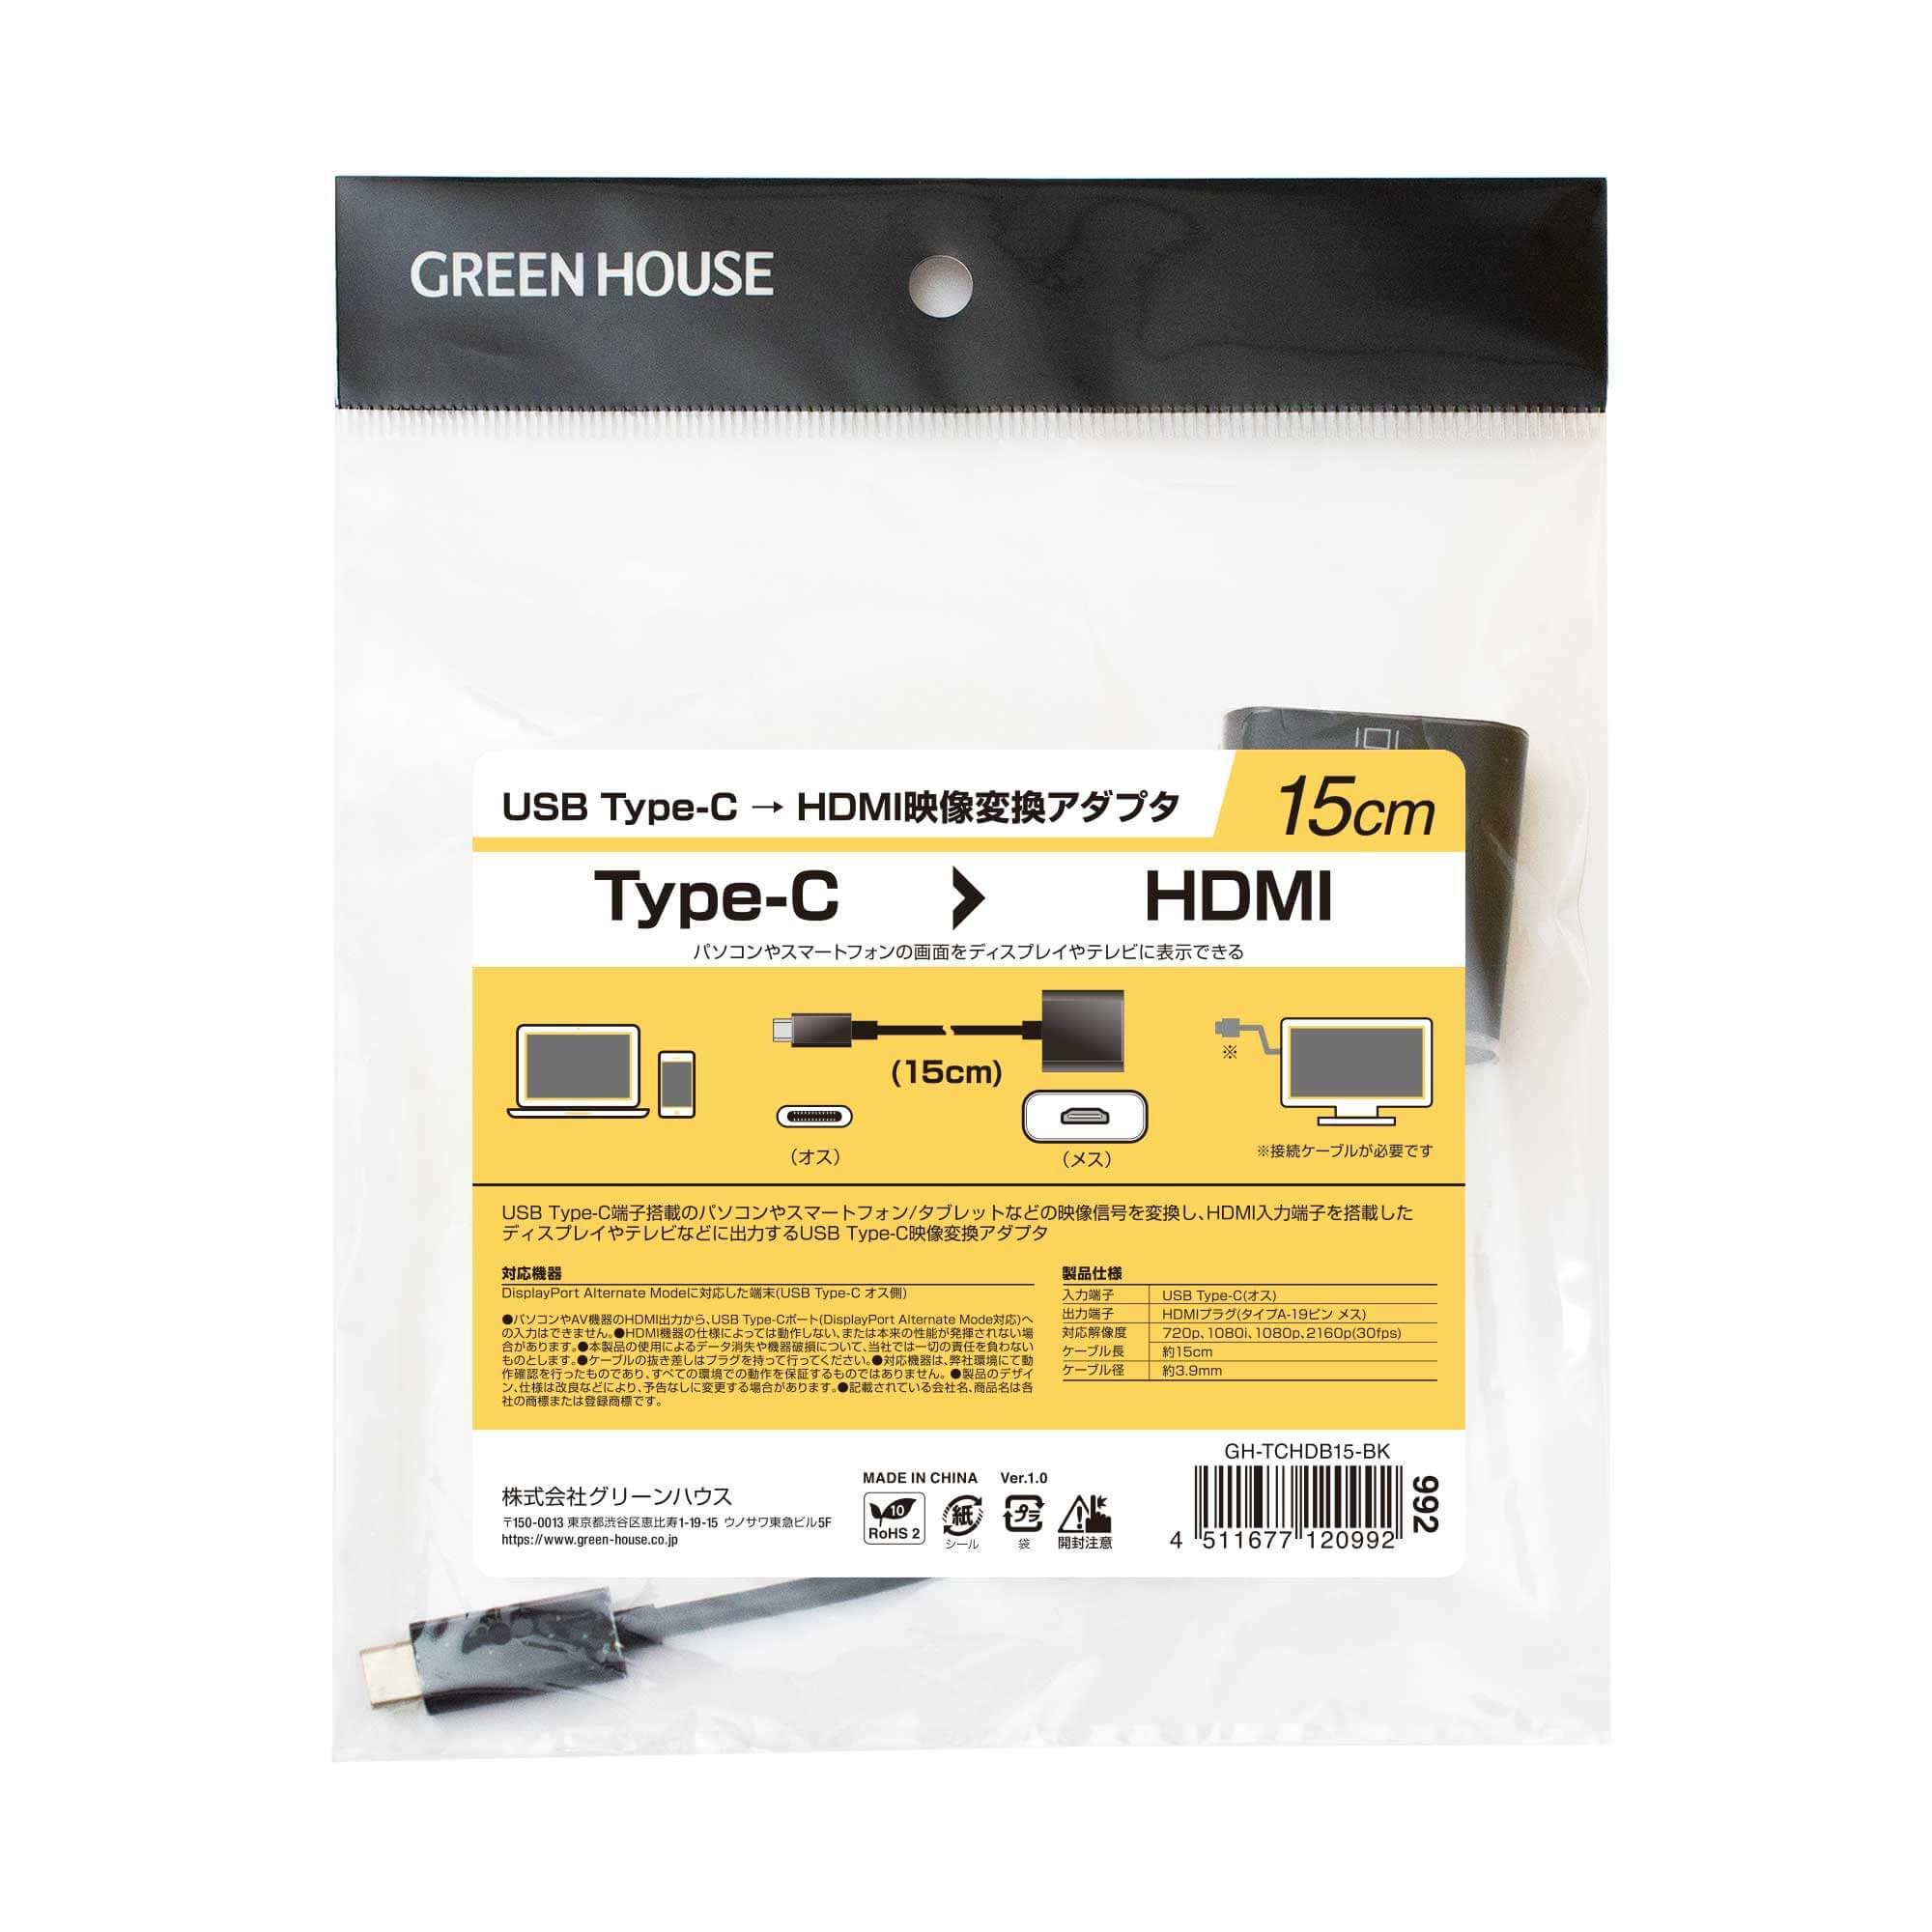 GH-TCHDB15-BK